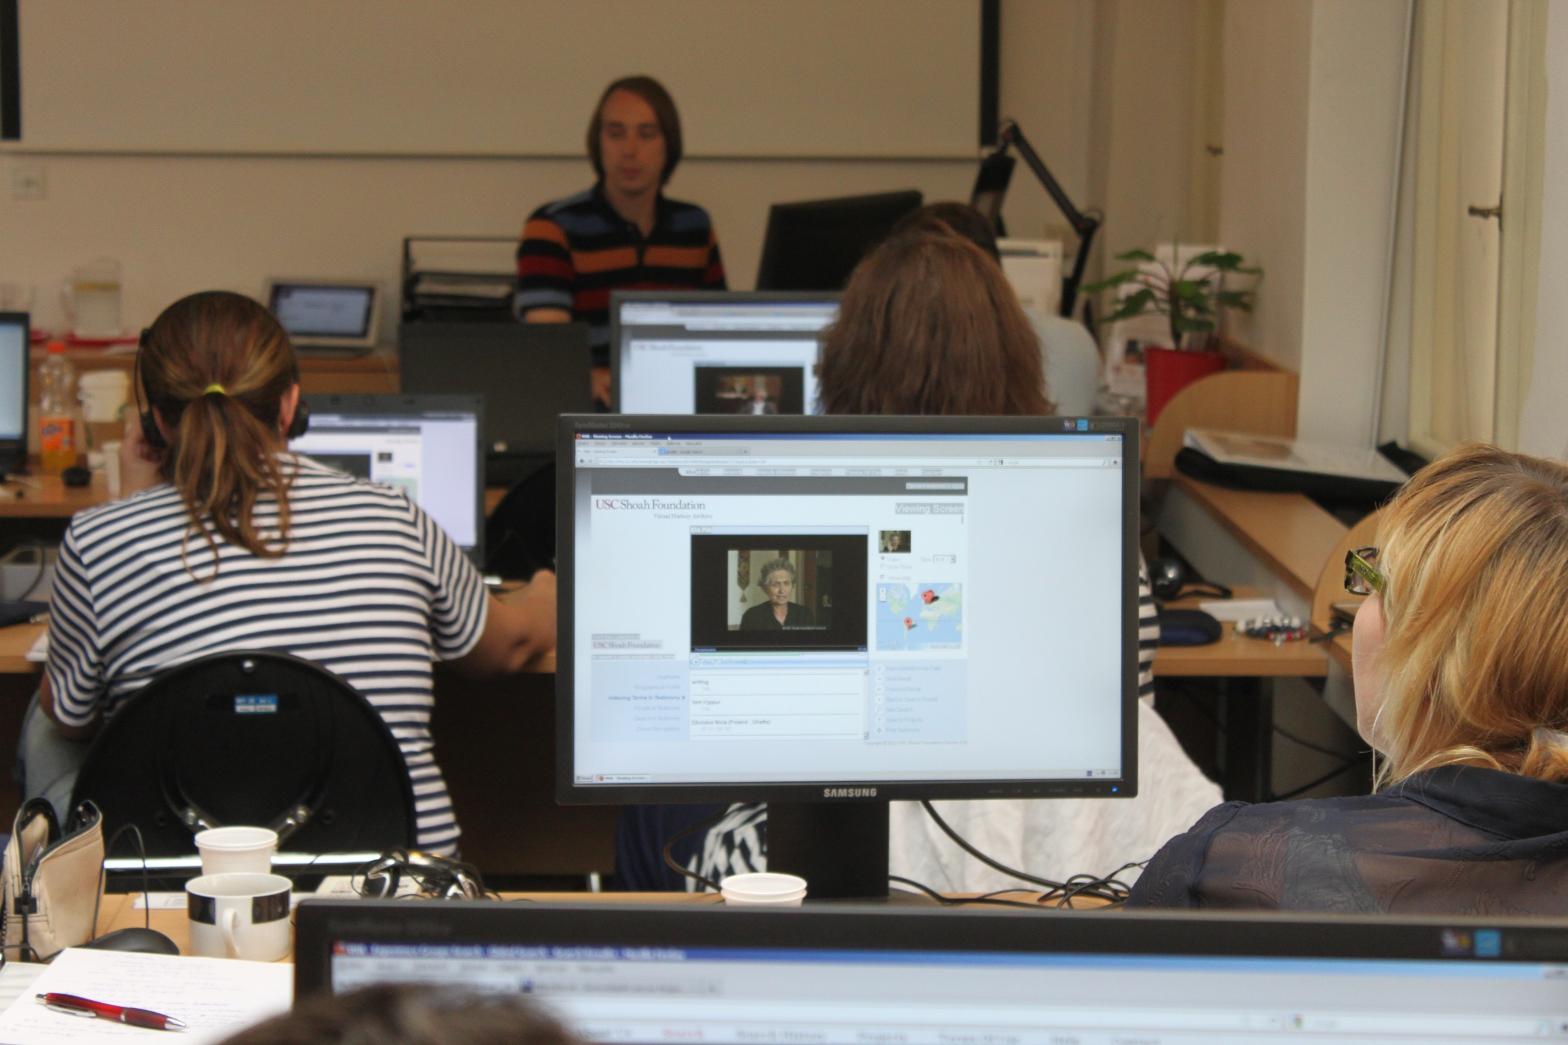 Jakub Mlynář, koordinátor CVH Malach, seznámil účastníky s  vyhledávacím rozhraním Archivu, aby mohli co nejefektivněji nalézt vhodná svědectví pro své plánované vzdělávací projekty